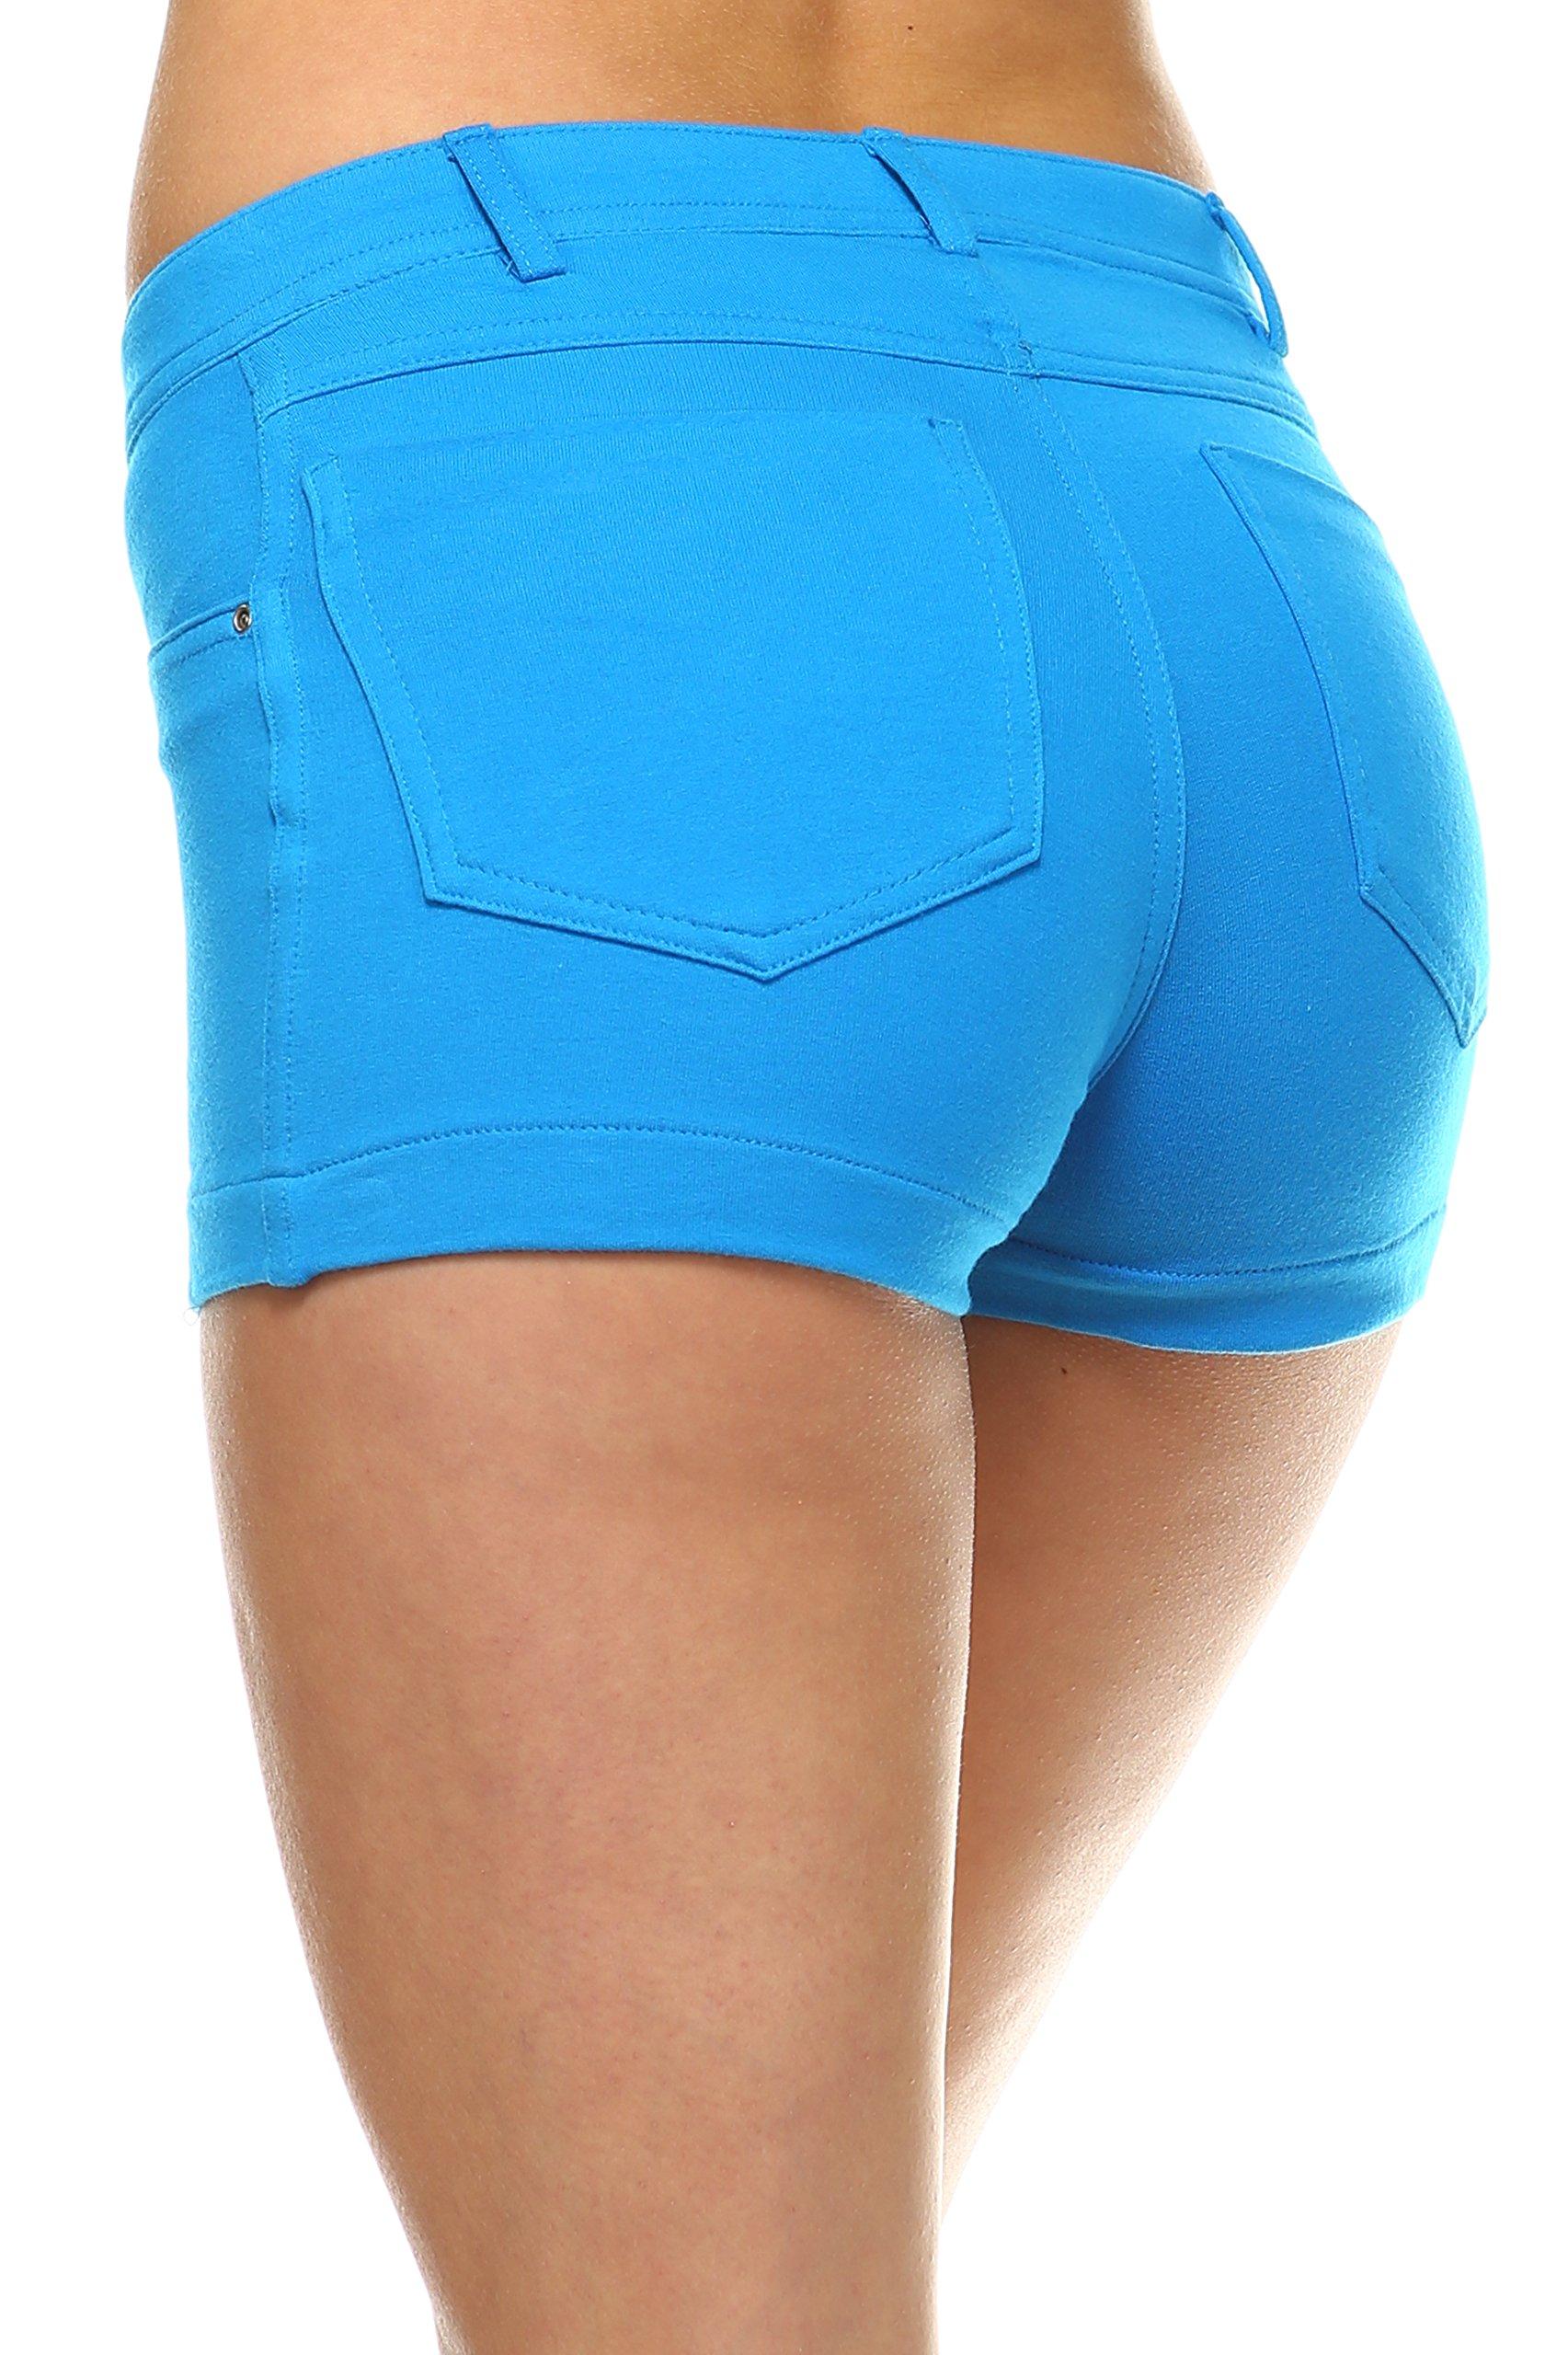 Urban Love Womens Sexy Blue Shorts by Urban Love